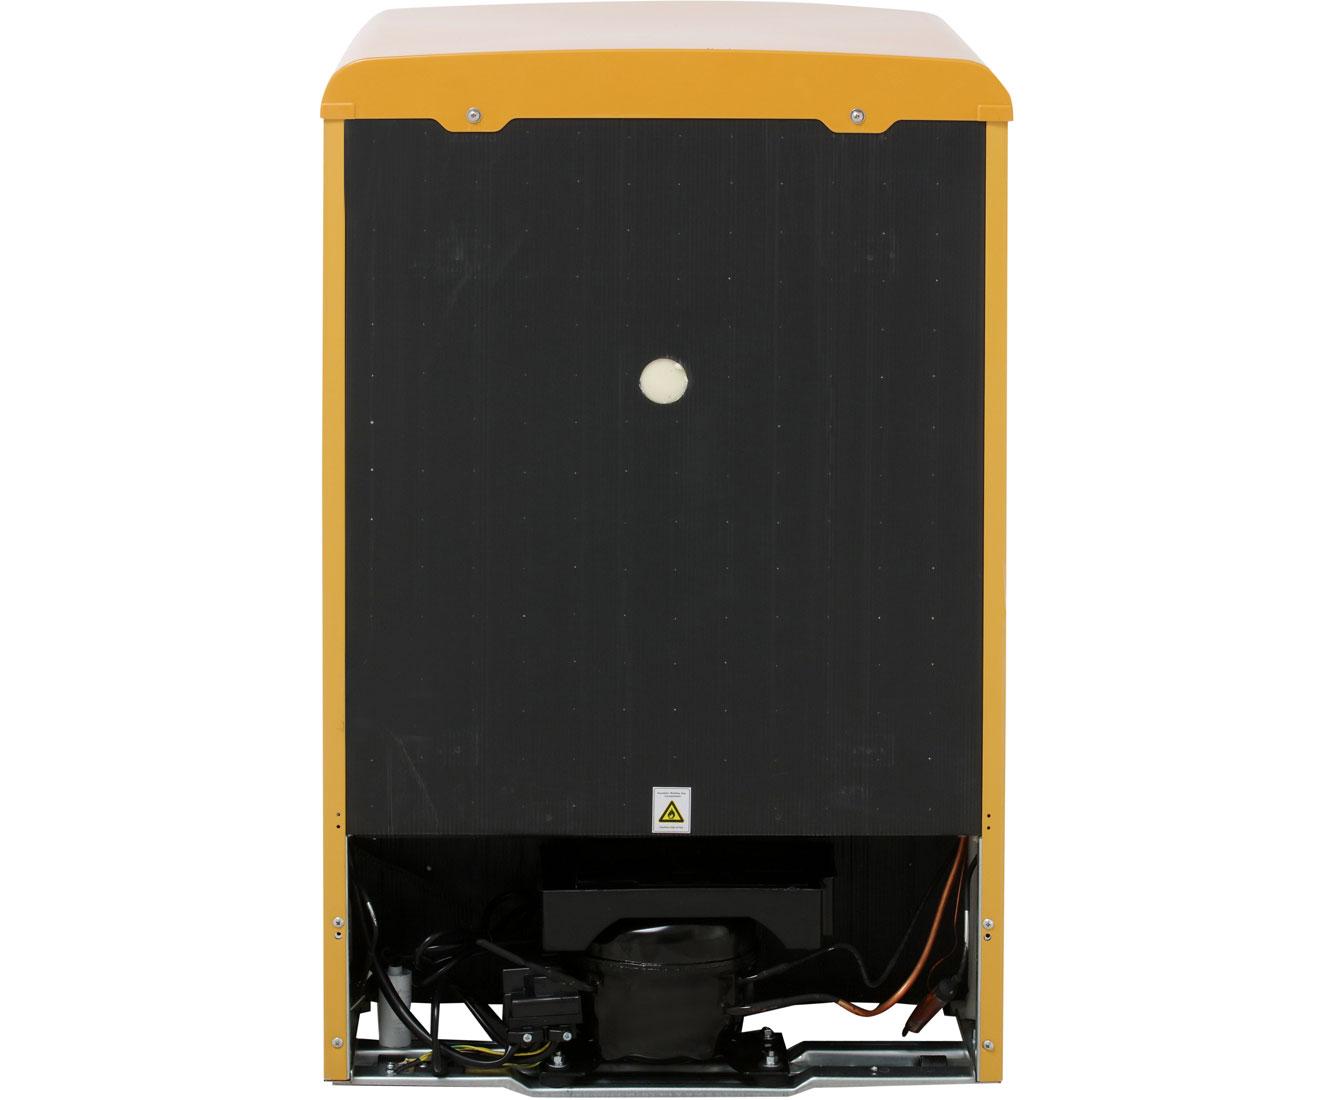 Amica Kühlschrank Retro Türkis : Amica retro design ks t kühlschrank mit gefrierfach